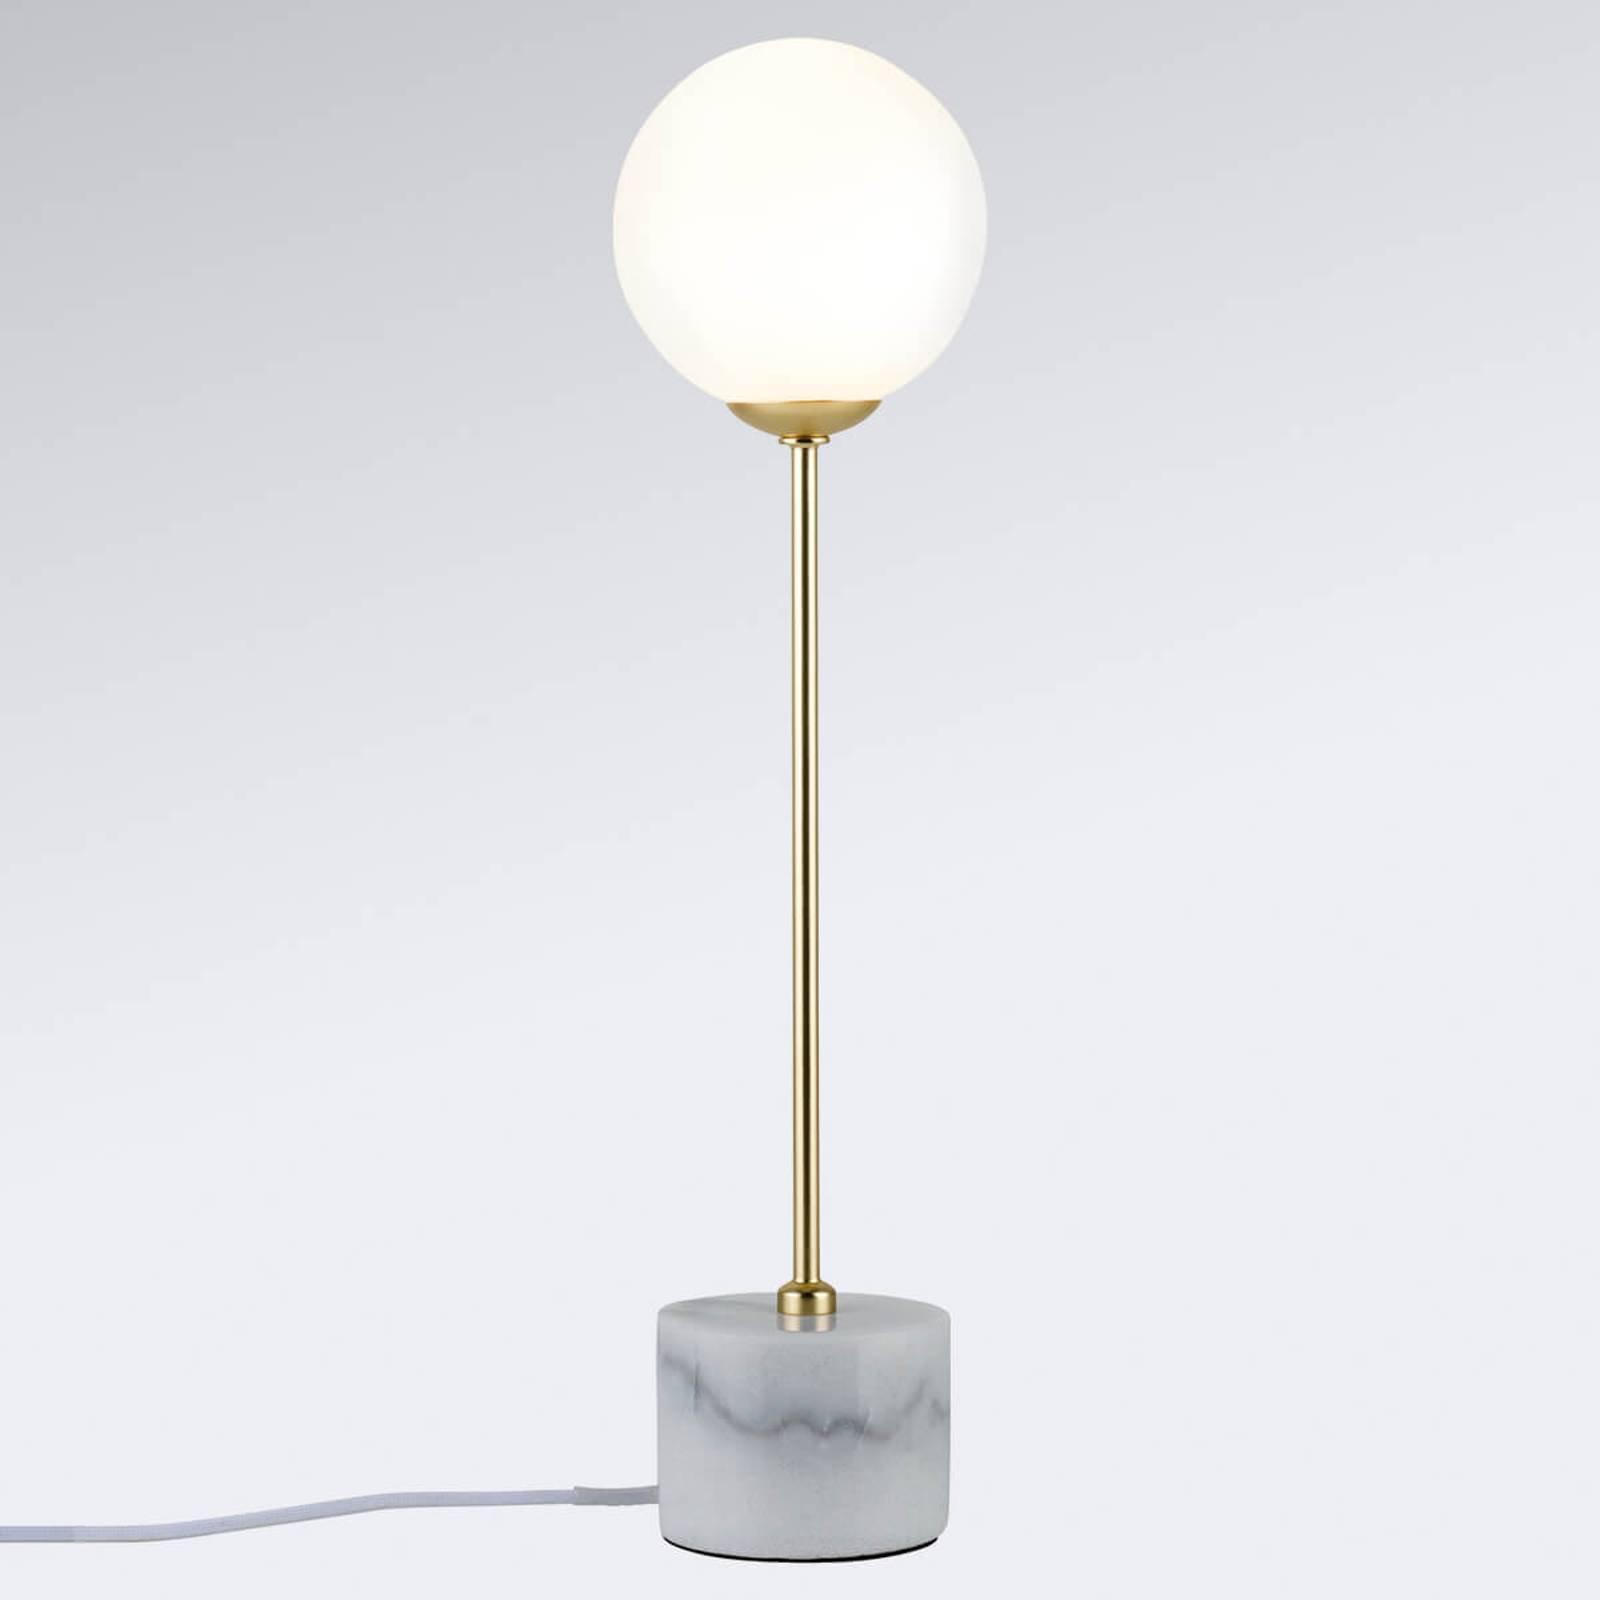 Moa - puristisk bordlampe med marmorsokkel